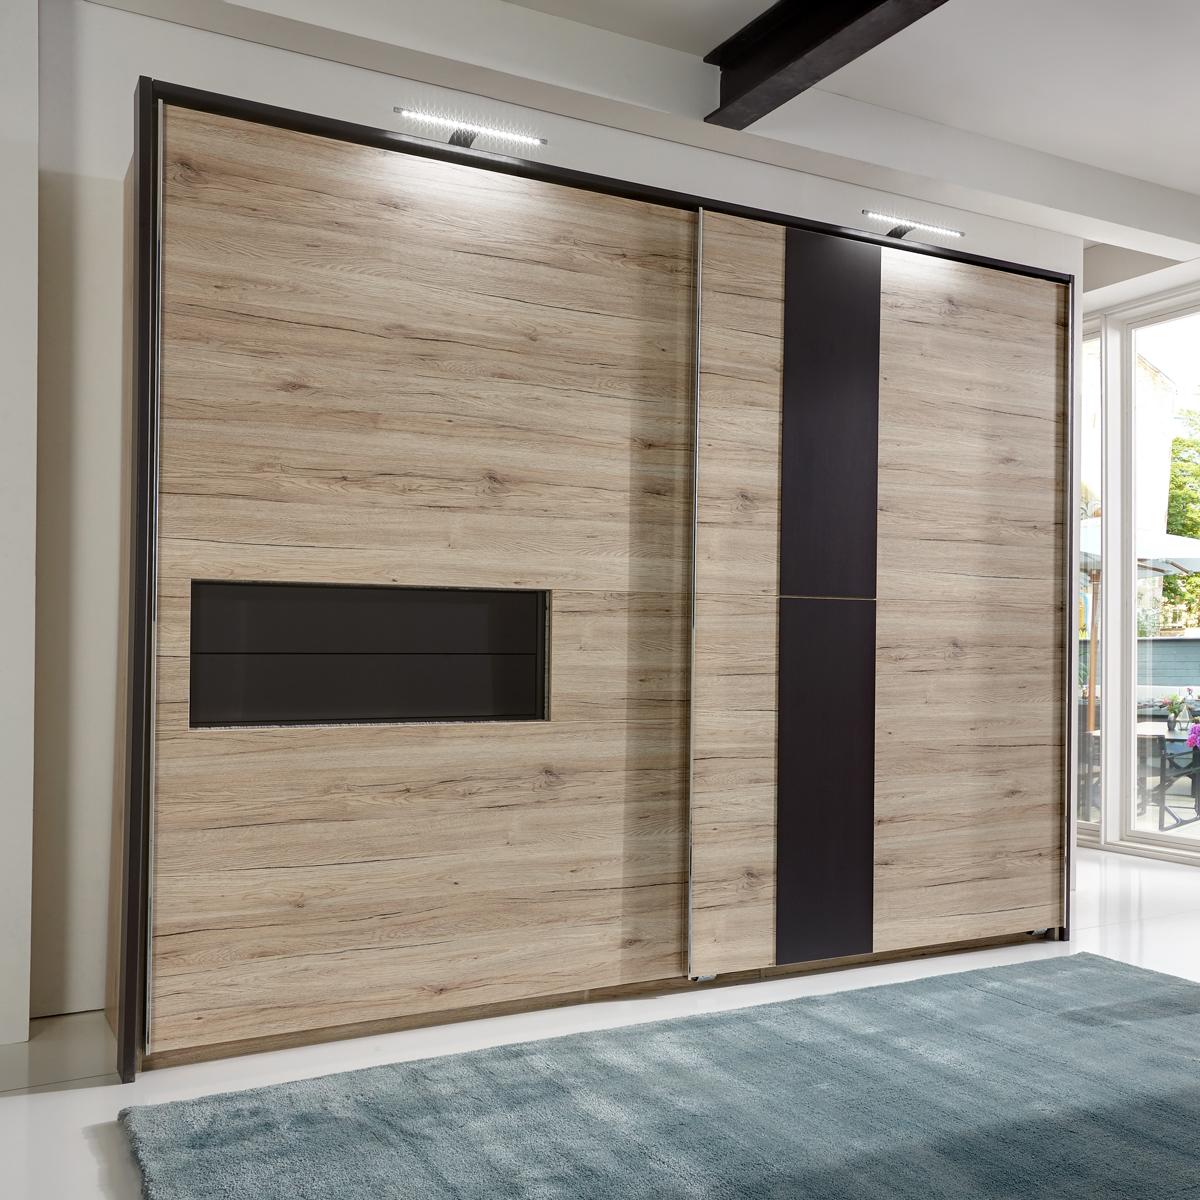 schwebet renschrank diva 300cm kleiderschrank mit passepartout san remo eiche ebay. Black Bedroom Furniture Sets. Home Design Ideas